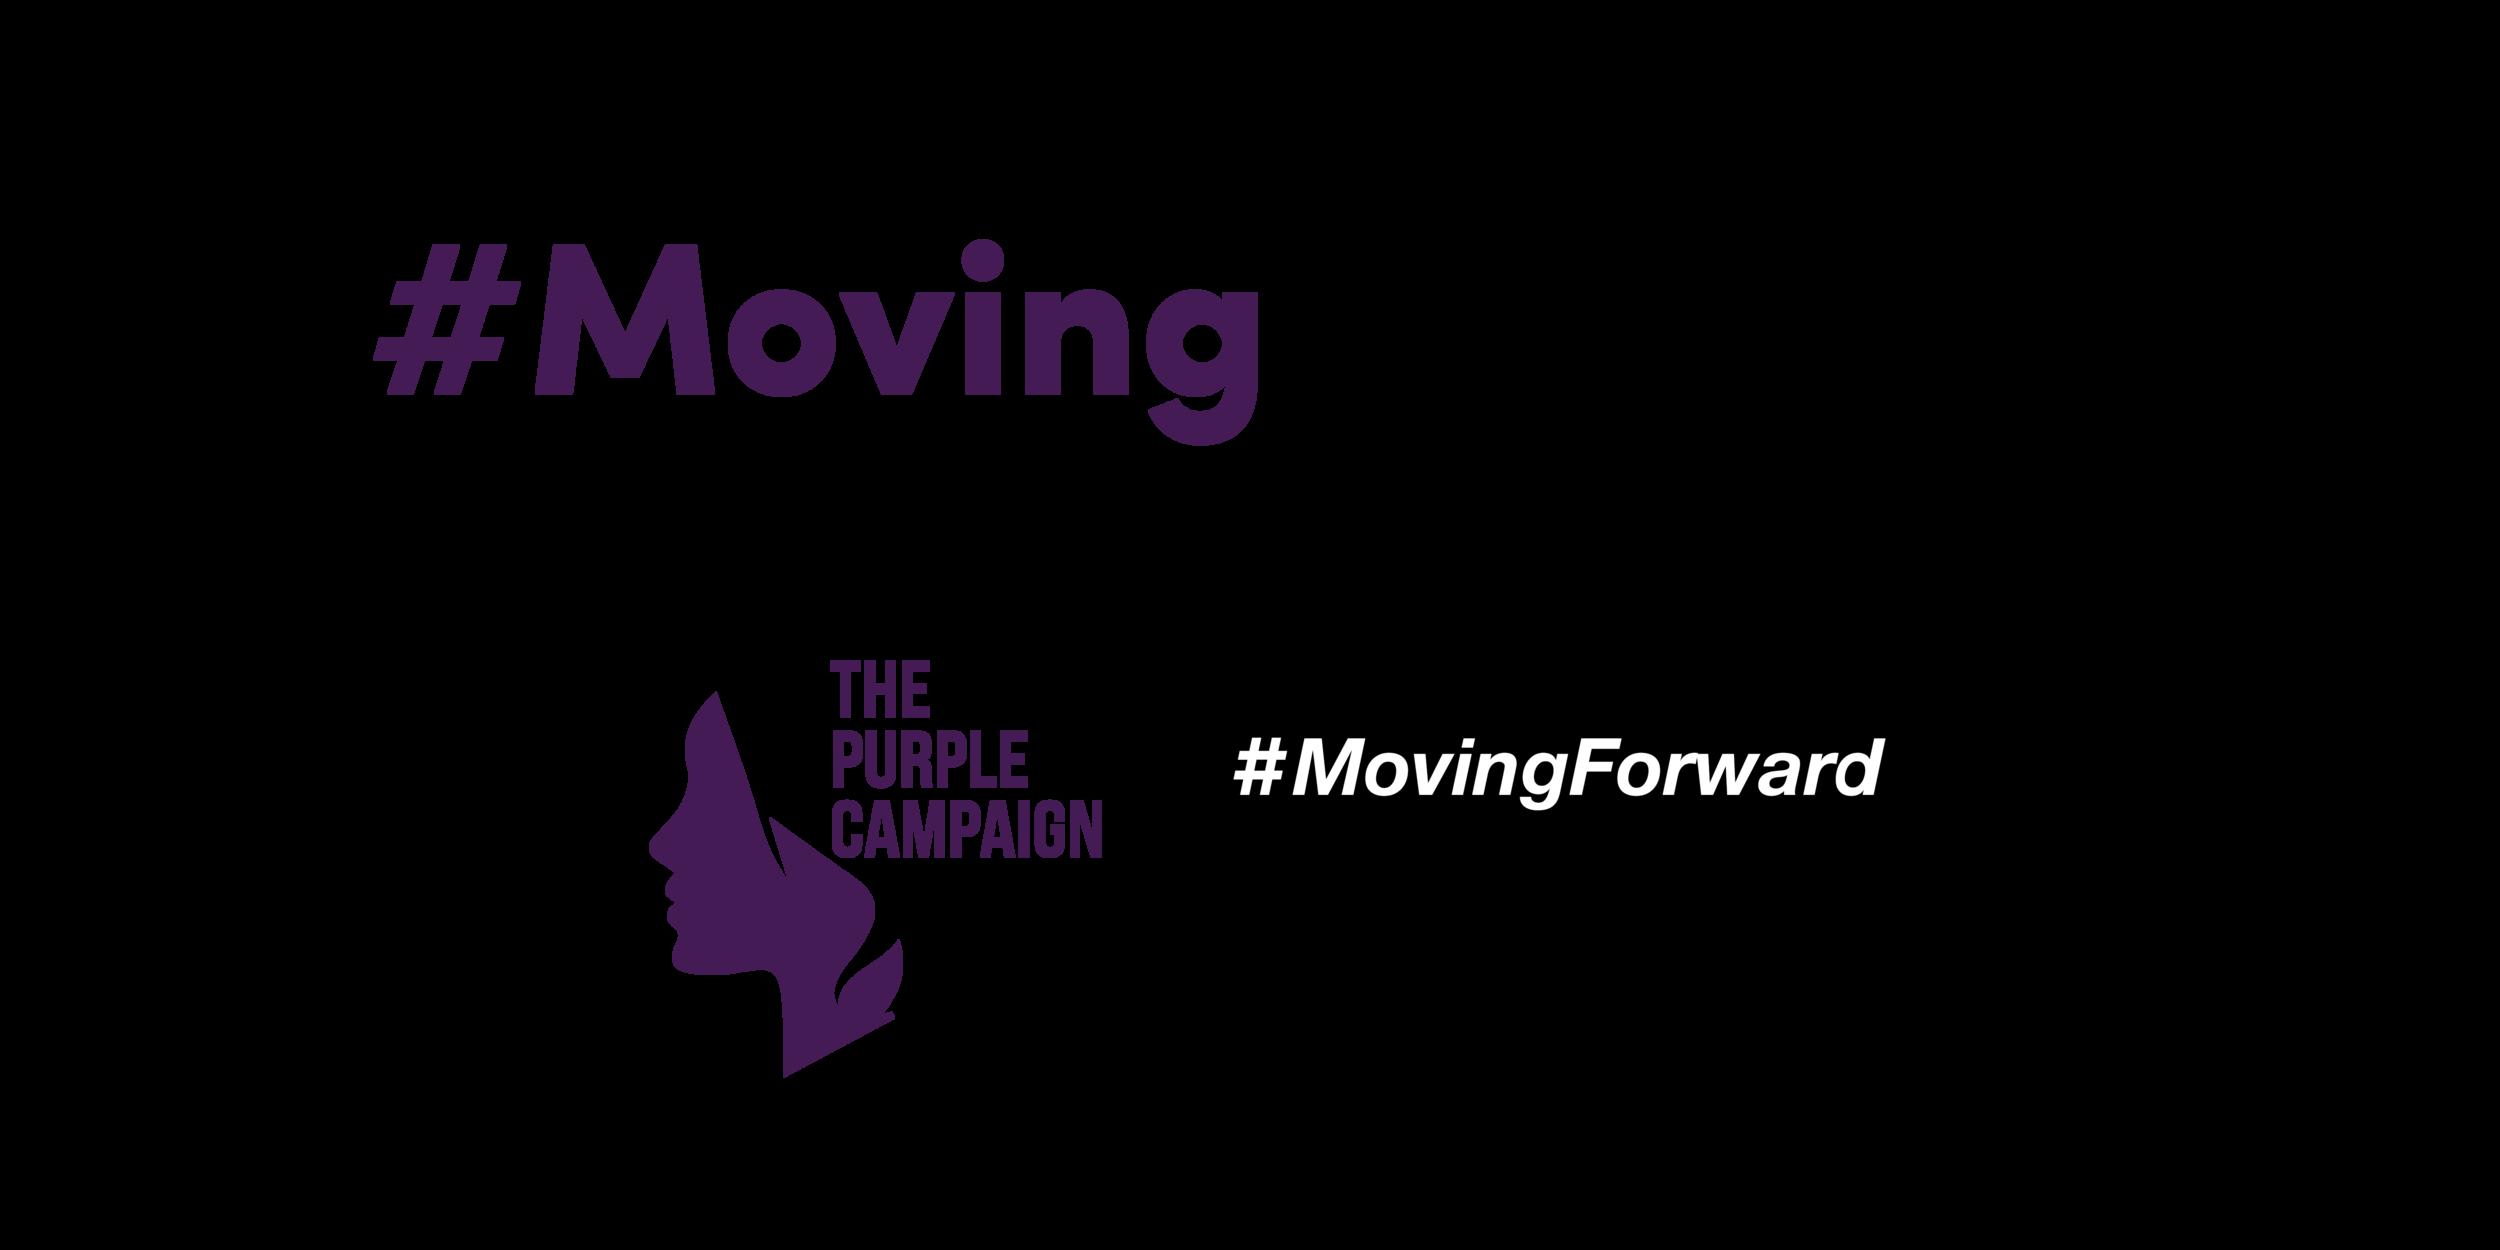 movingforward-01.png